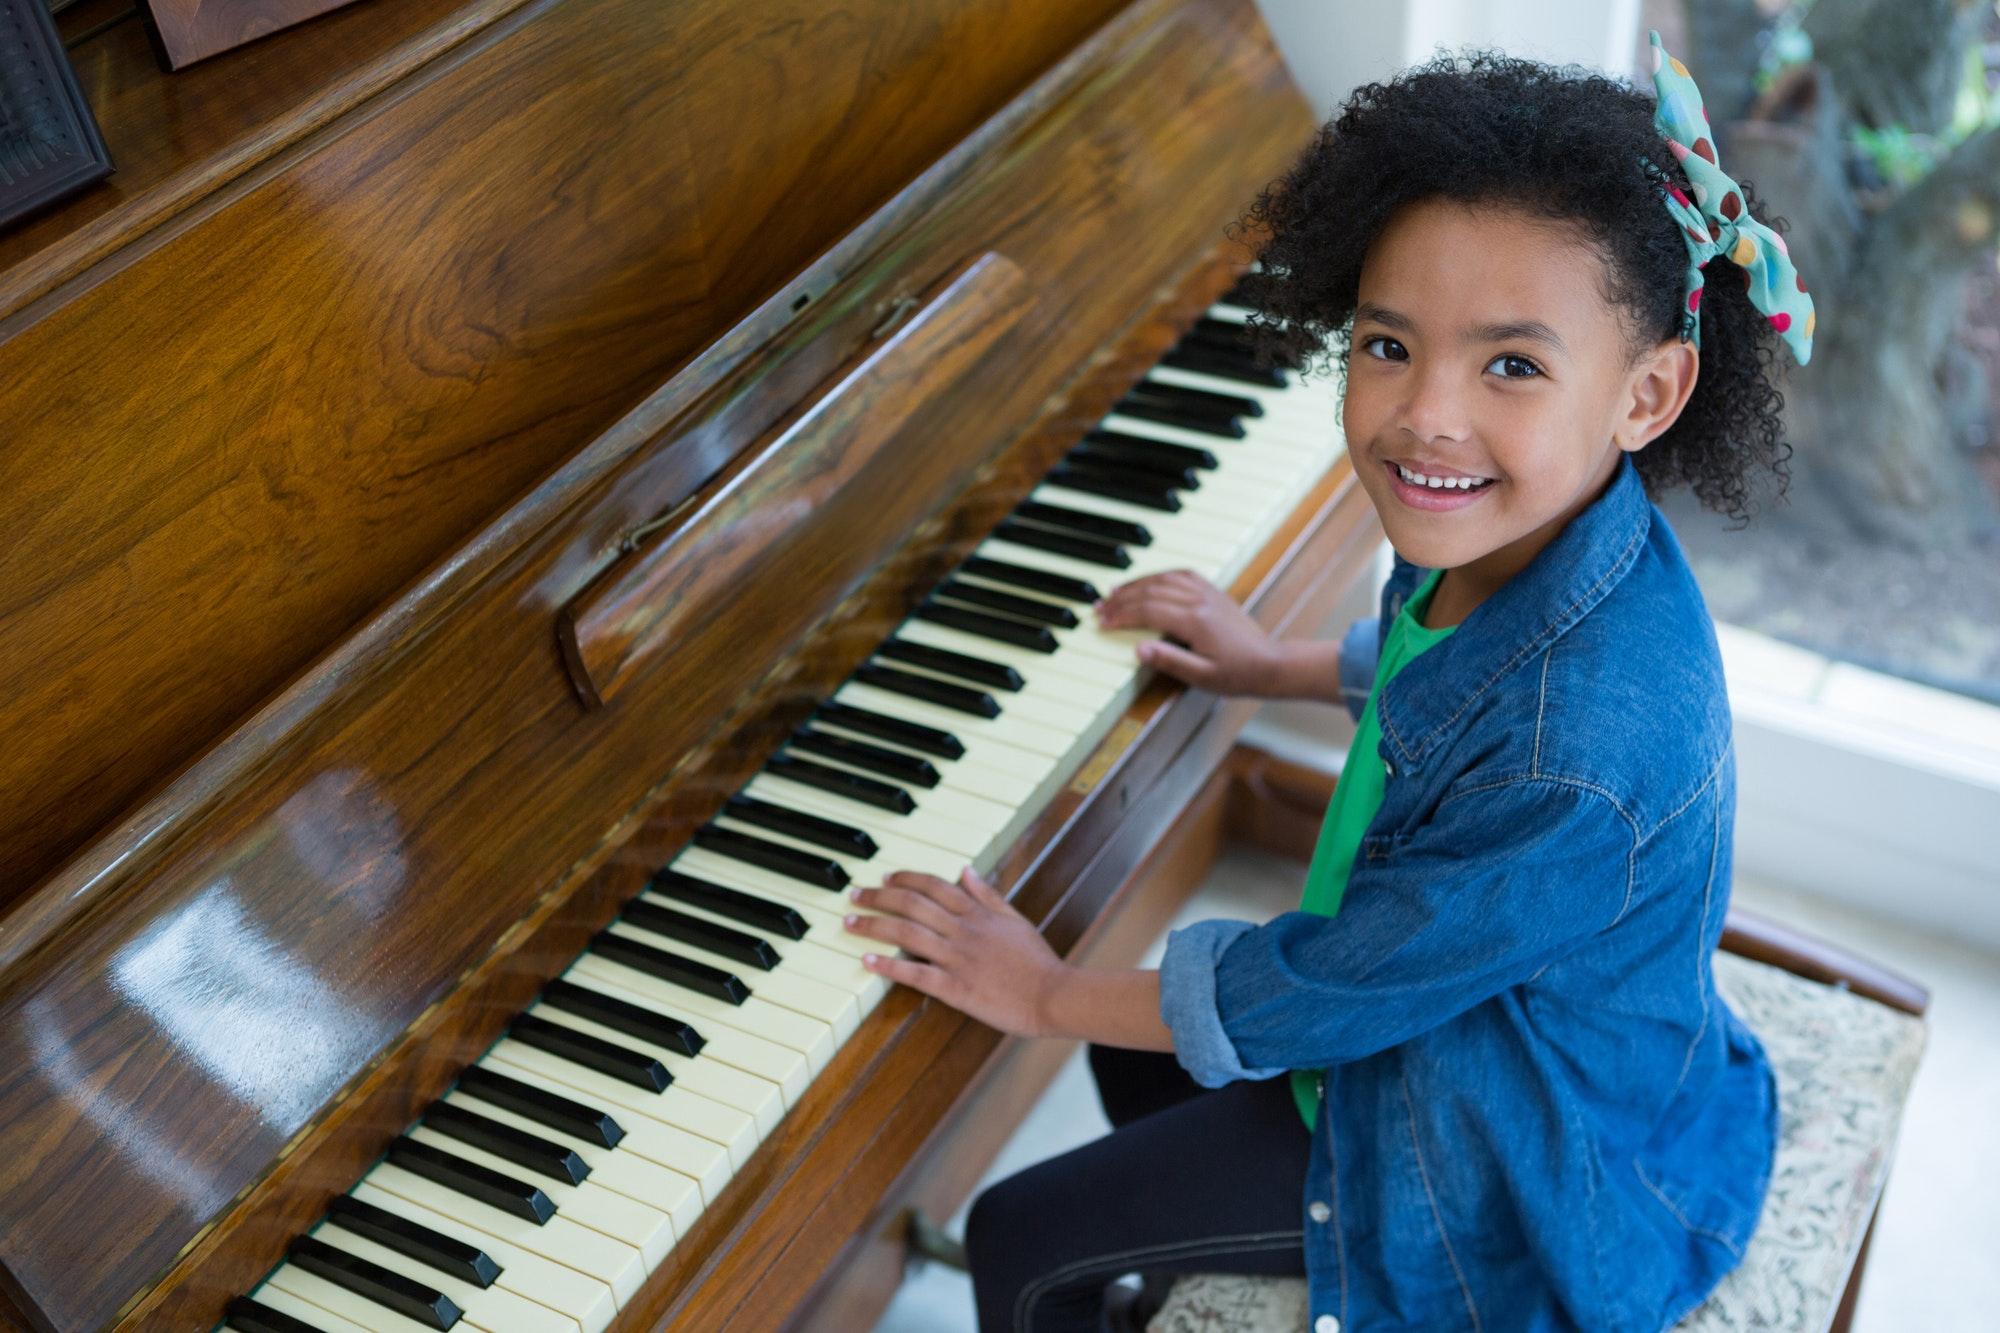 Adorable girl playing piano